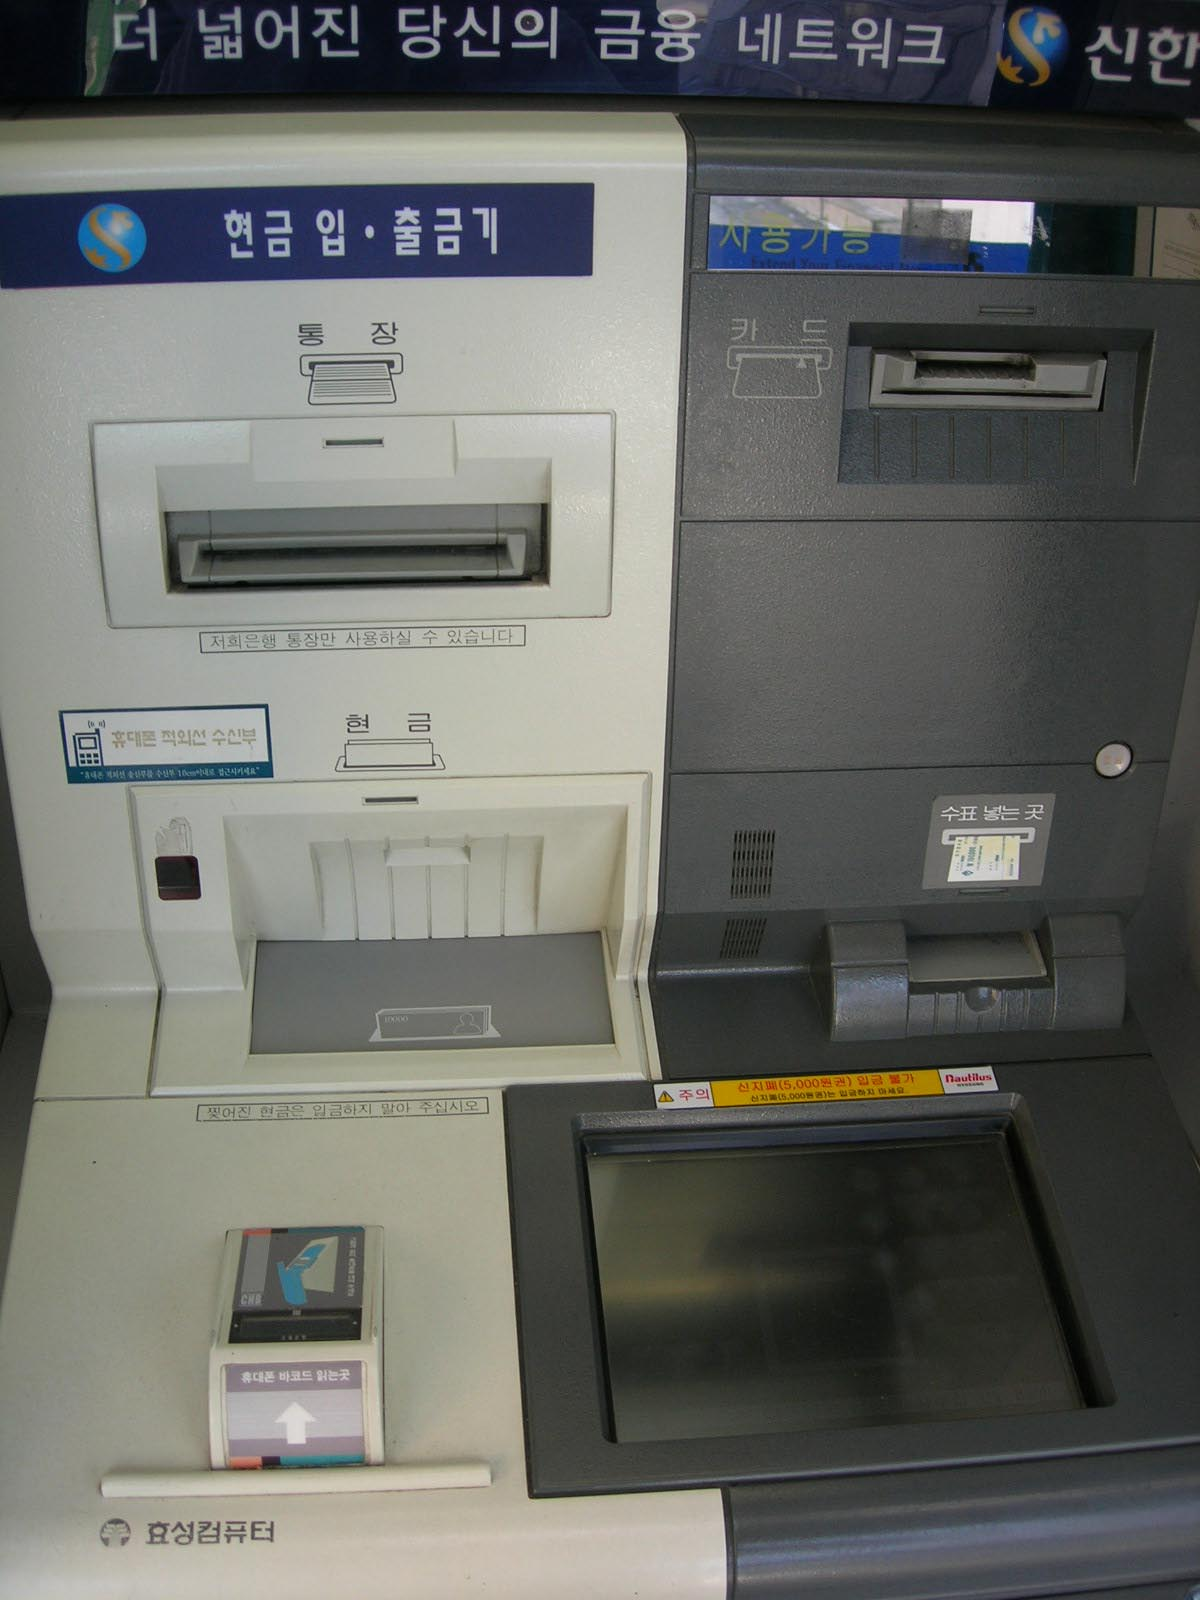 automatic check deposit machine